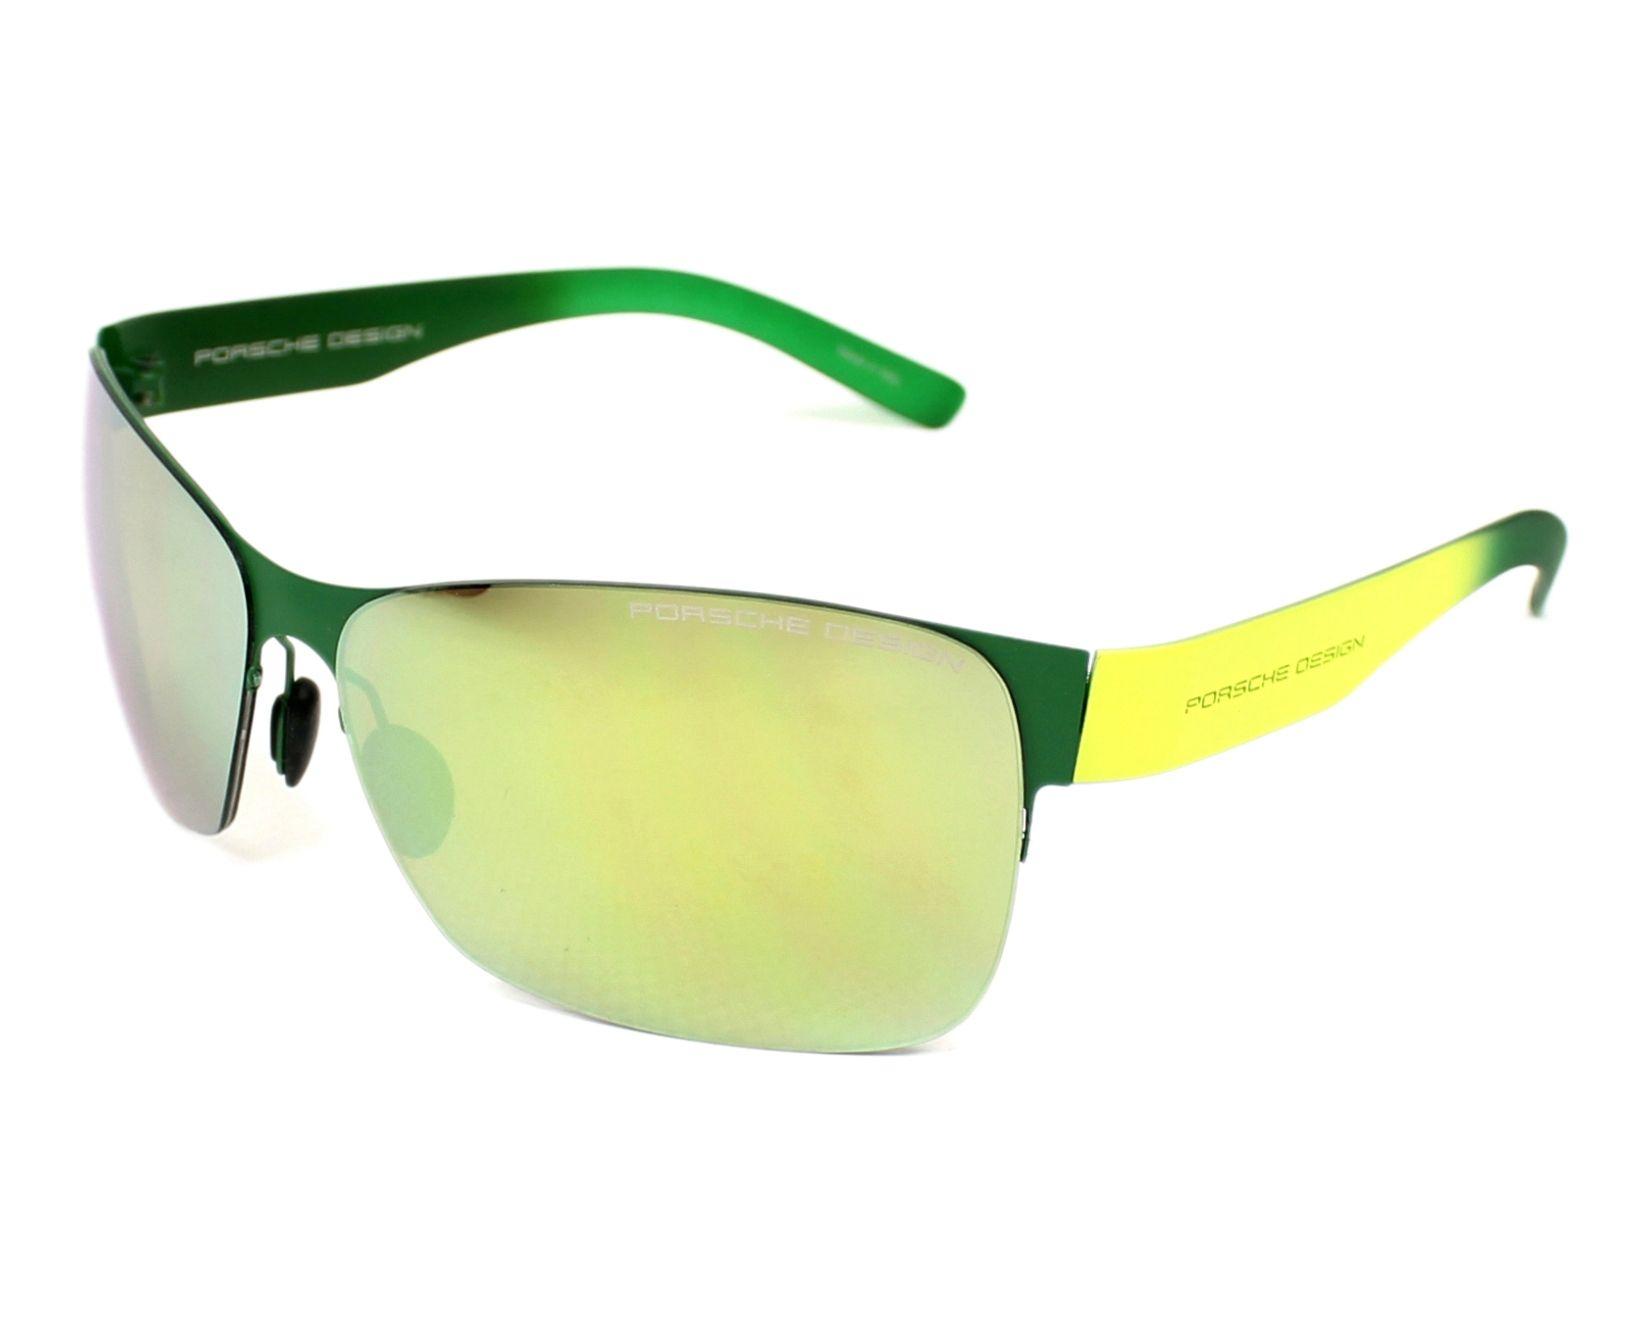 lunettes de soleil porsche design p 8582 b vert avec des verres marron pour hommes taille 64. Black Bedroom Furniture Sets. Home Design Ideas